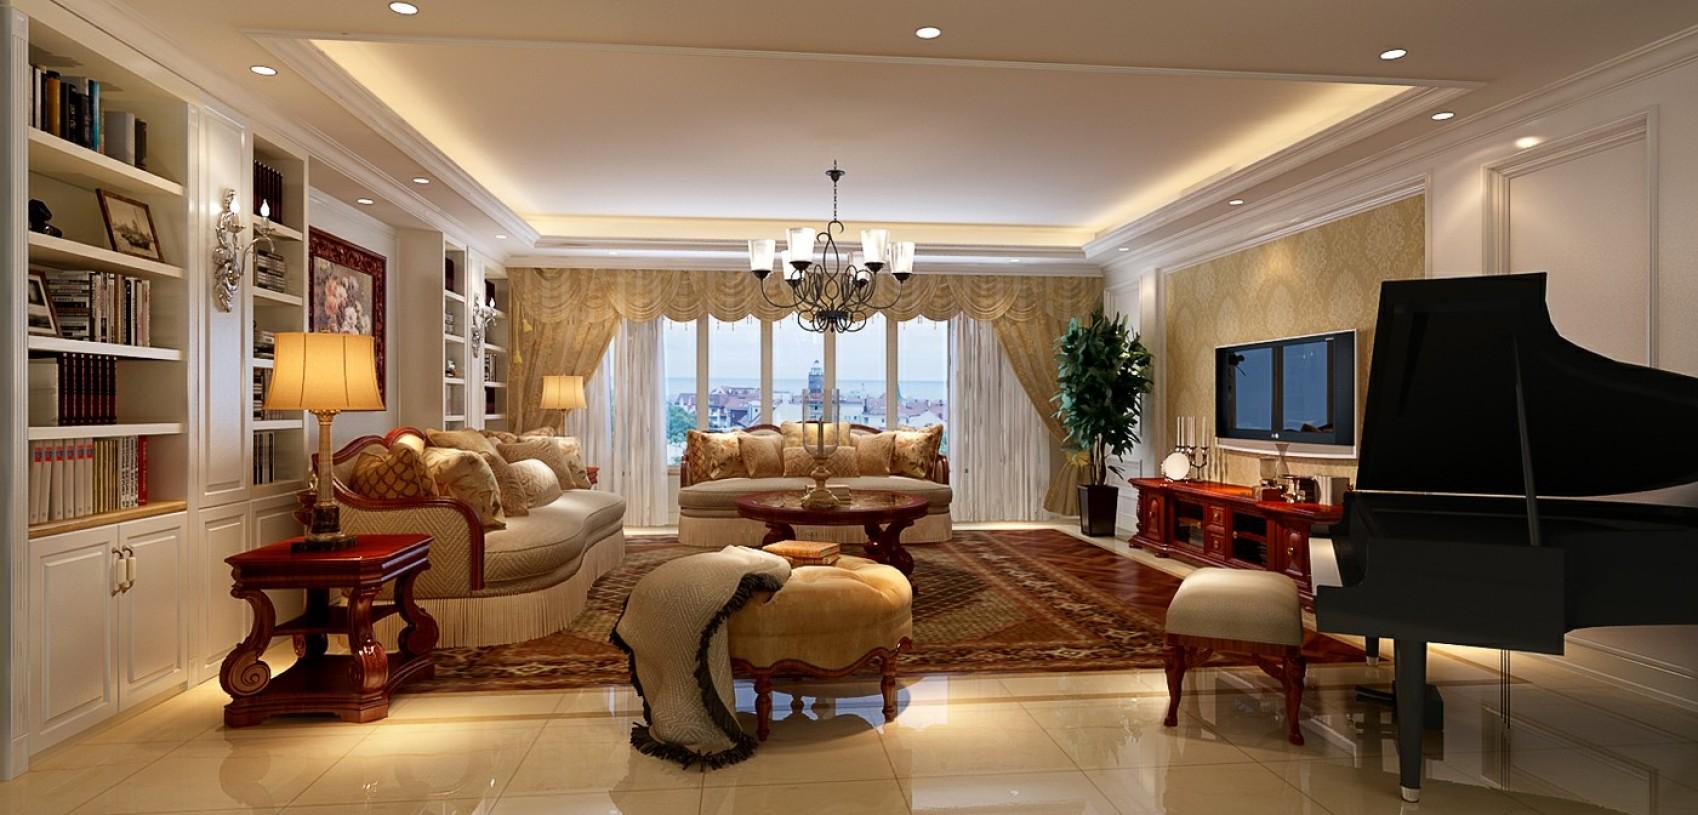 家居图库 > 华丽轻奢欧式橙色客厅装潢装饰图